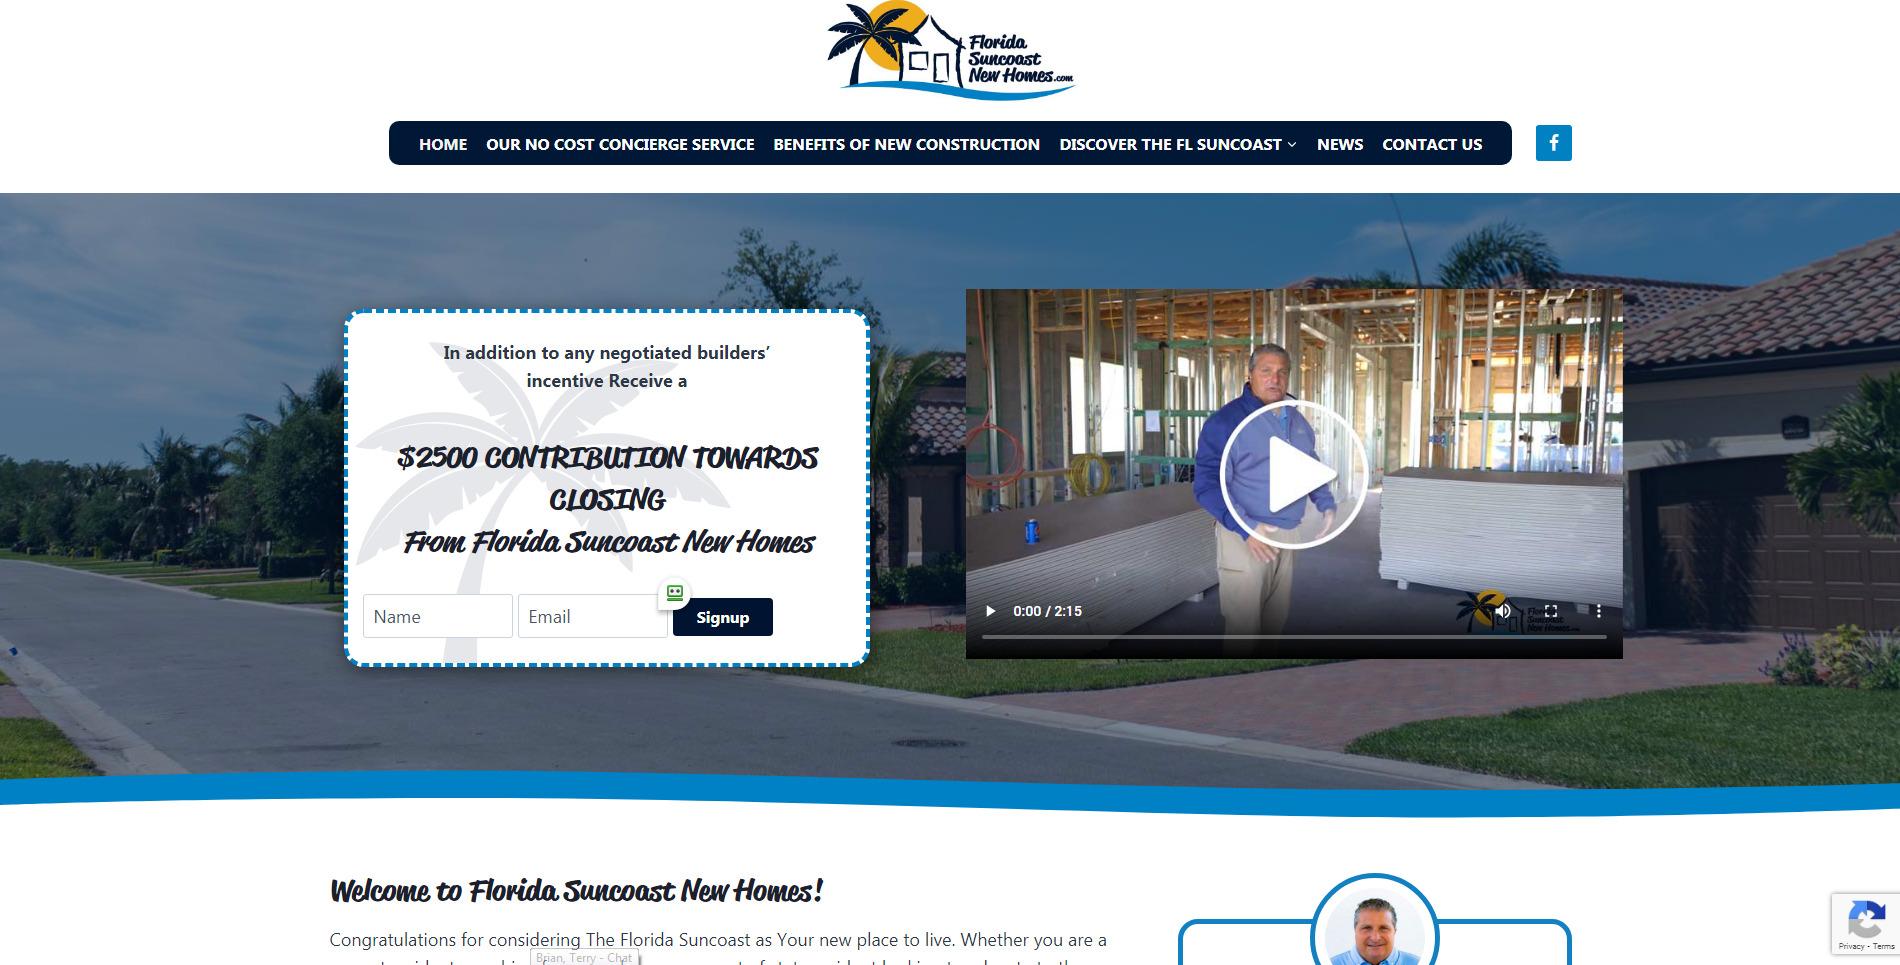 FloridaSuncoastNewHomes.com